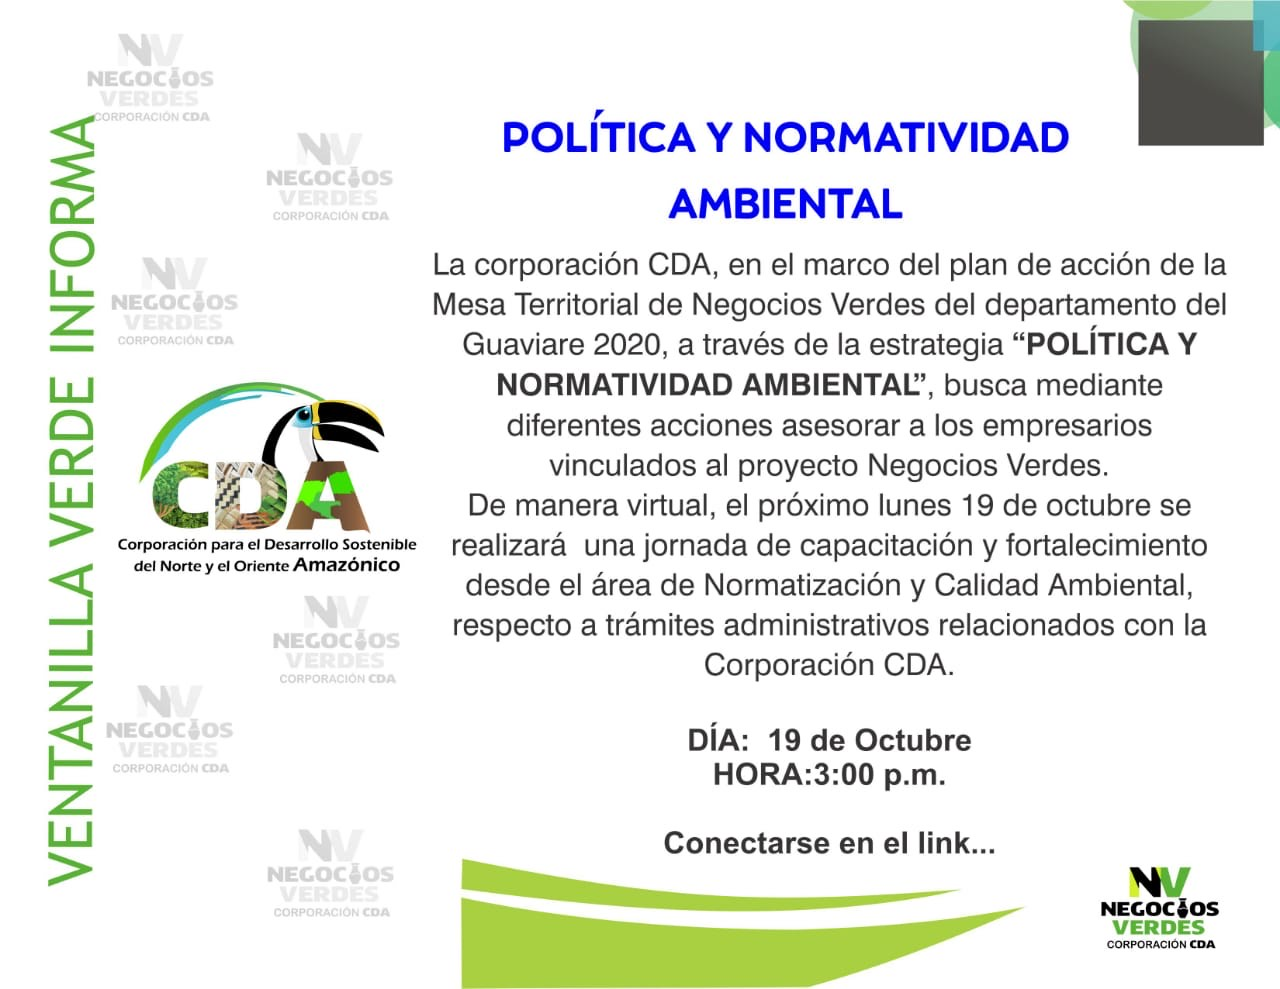 imagen alusiva a  videoconferencia -Política y Normatividad Ambiental-